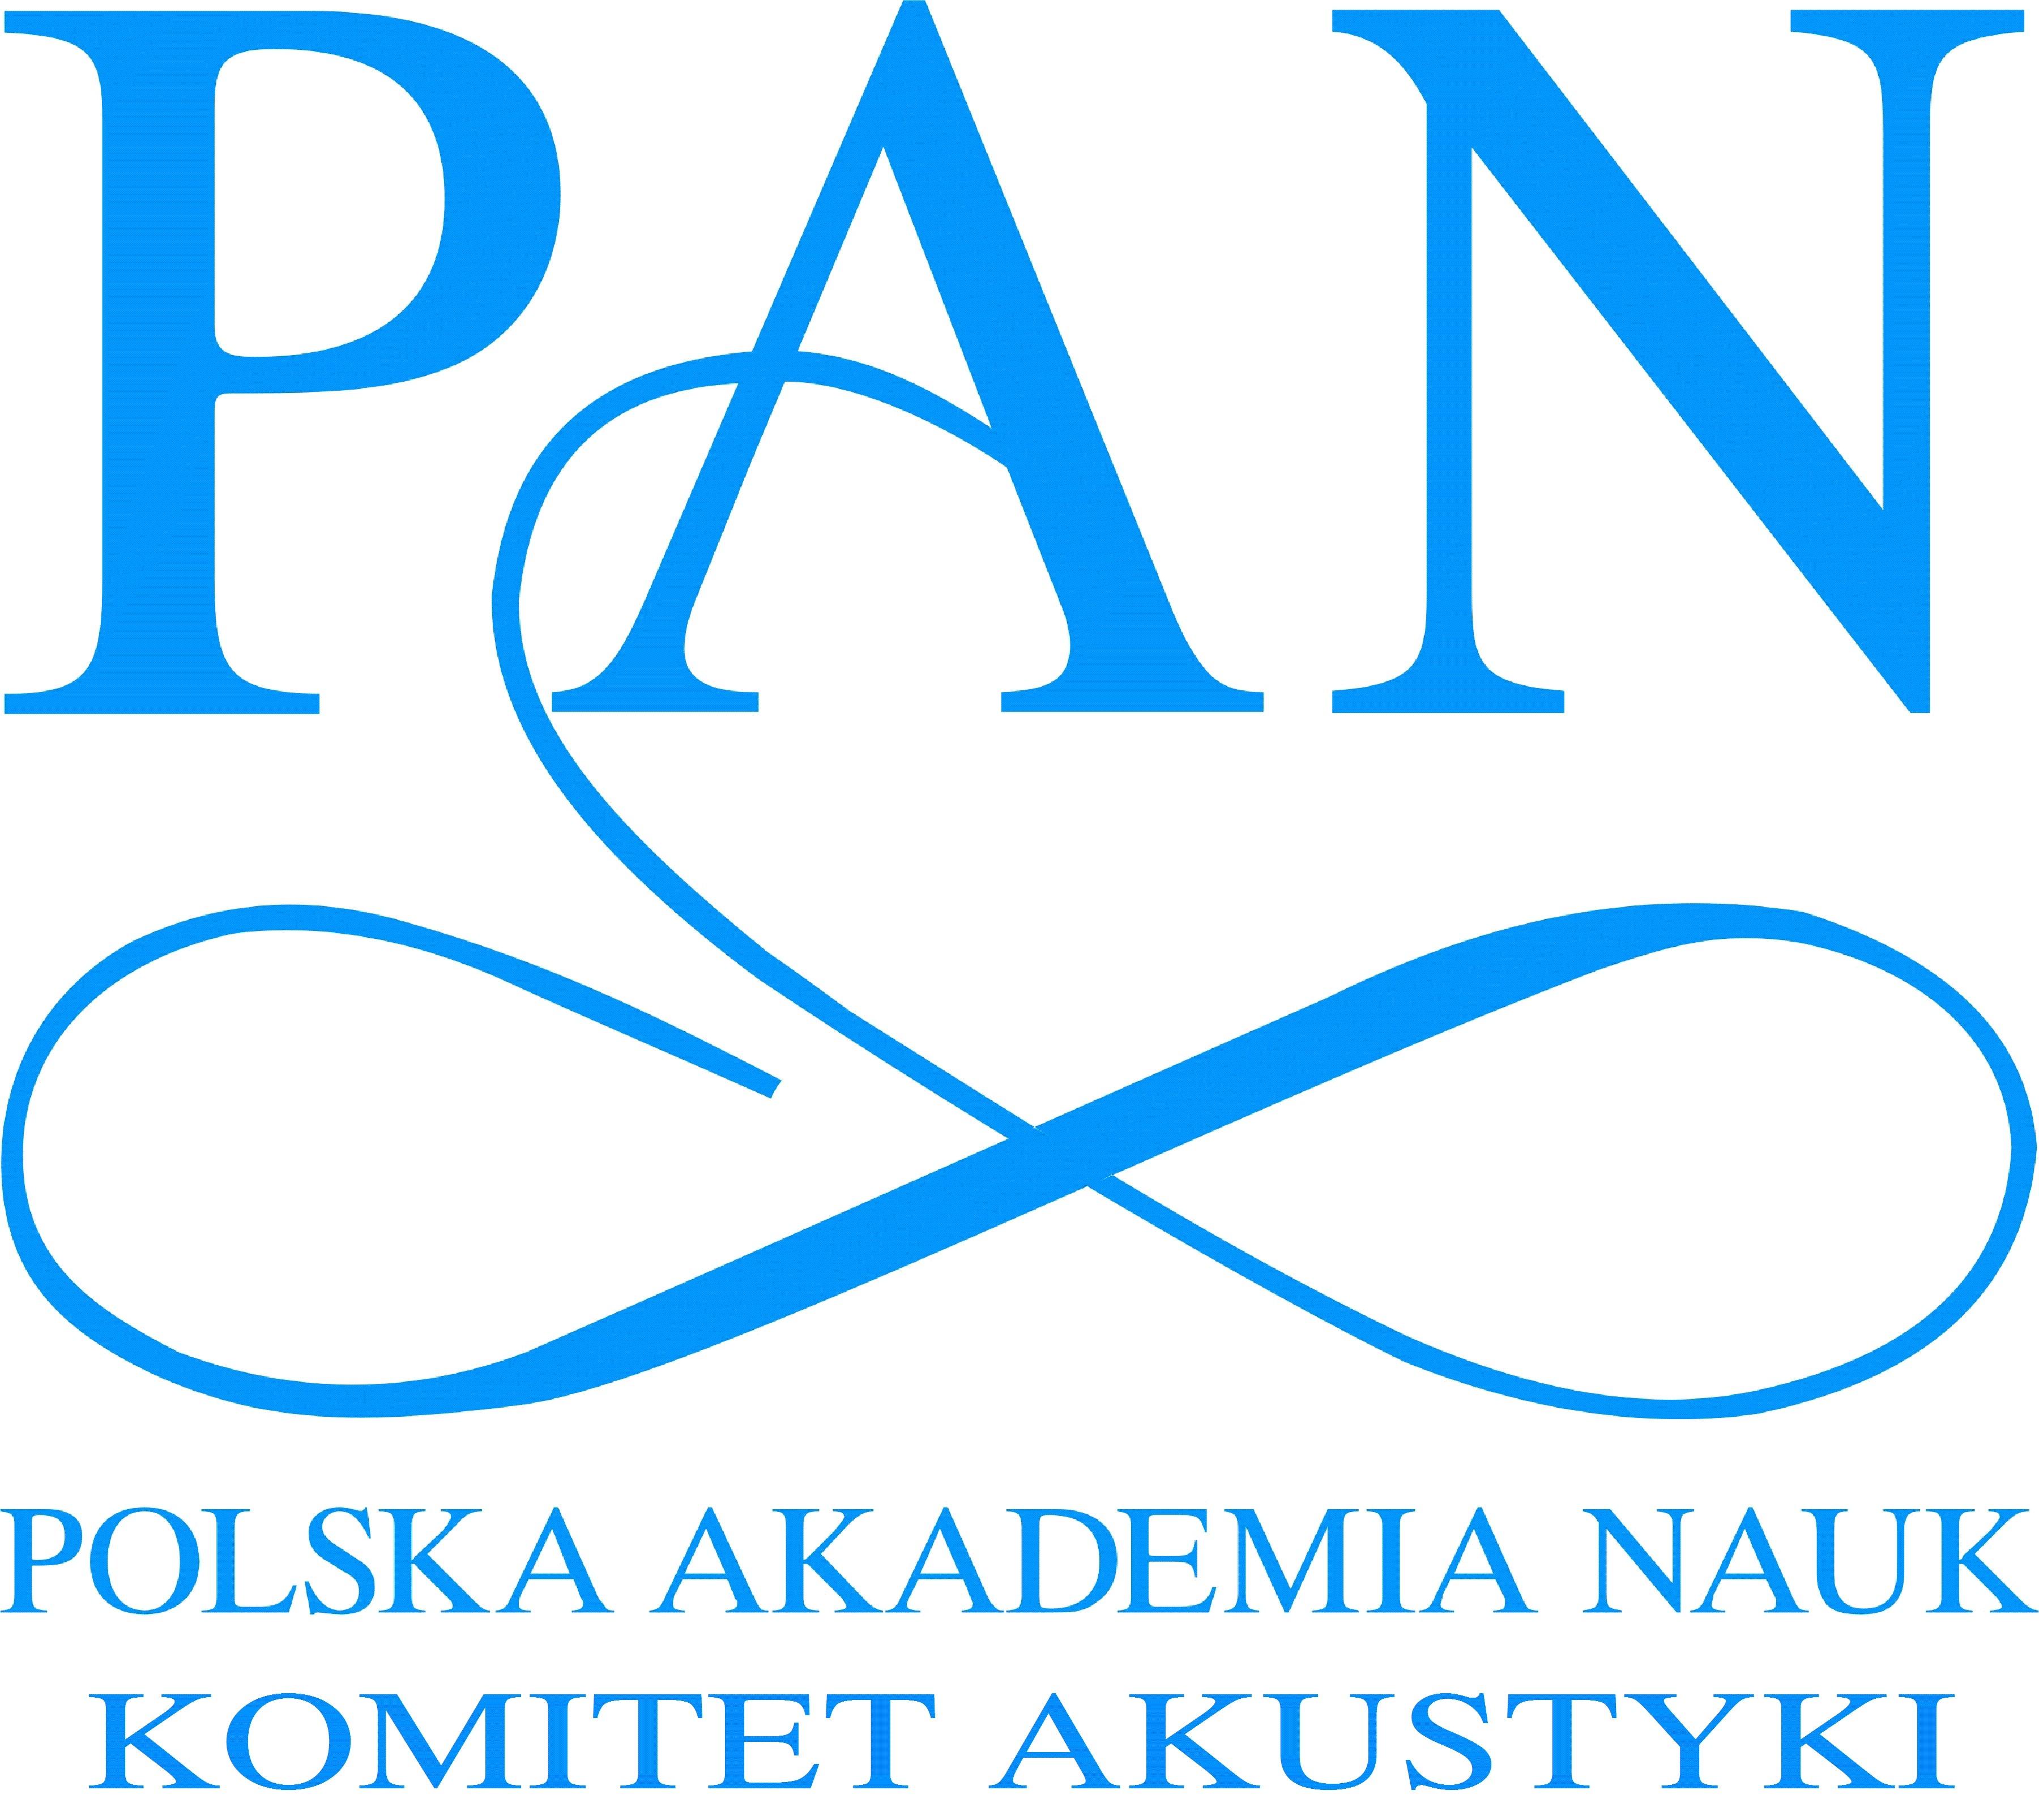 logo-komitetu-akustyki-pan